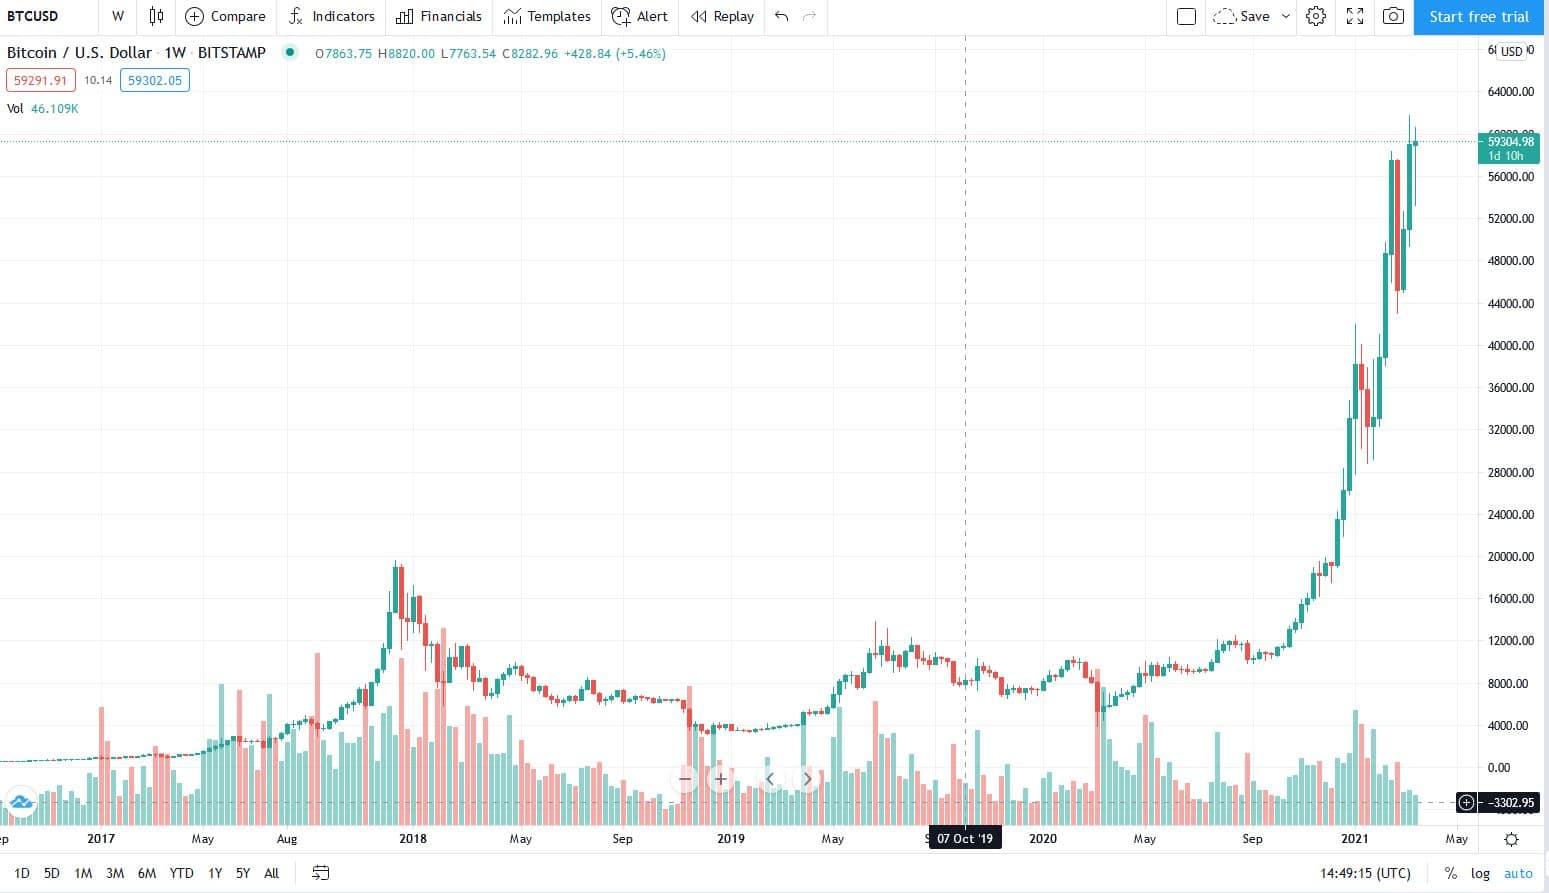 btc_usd graf